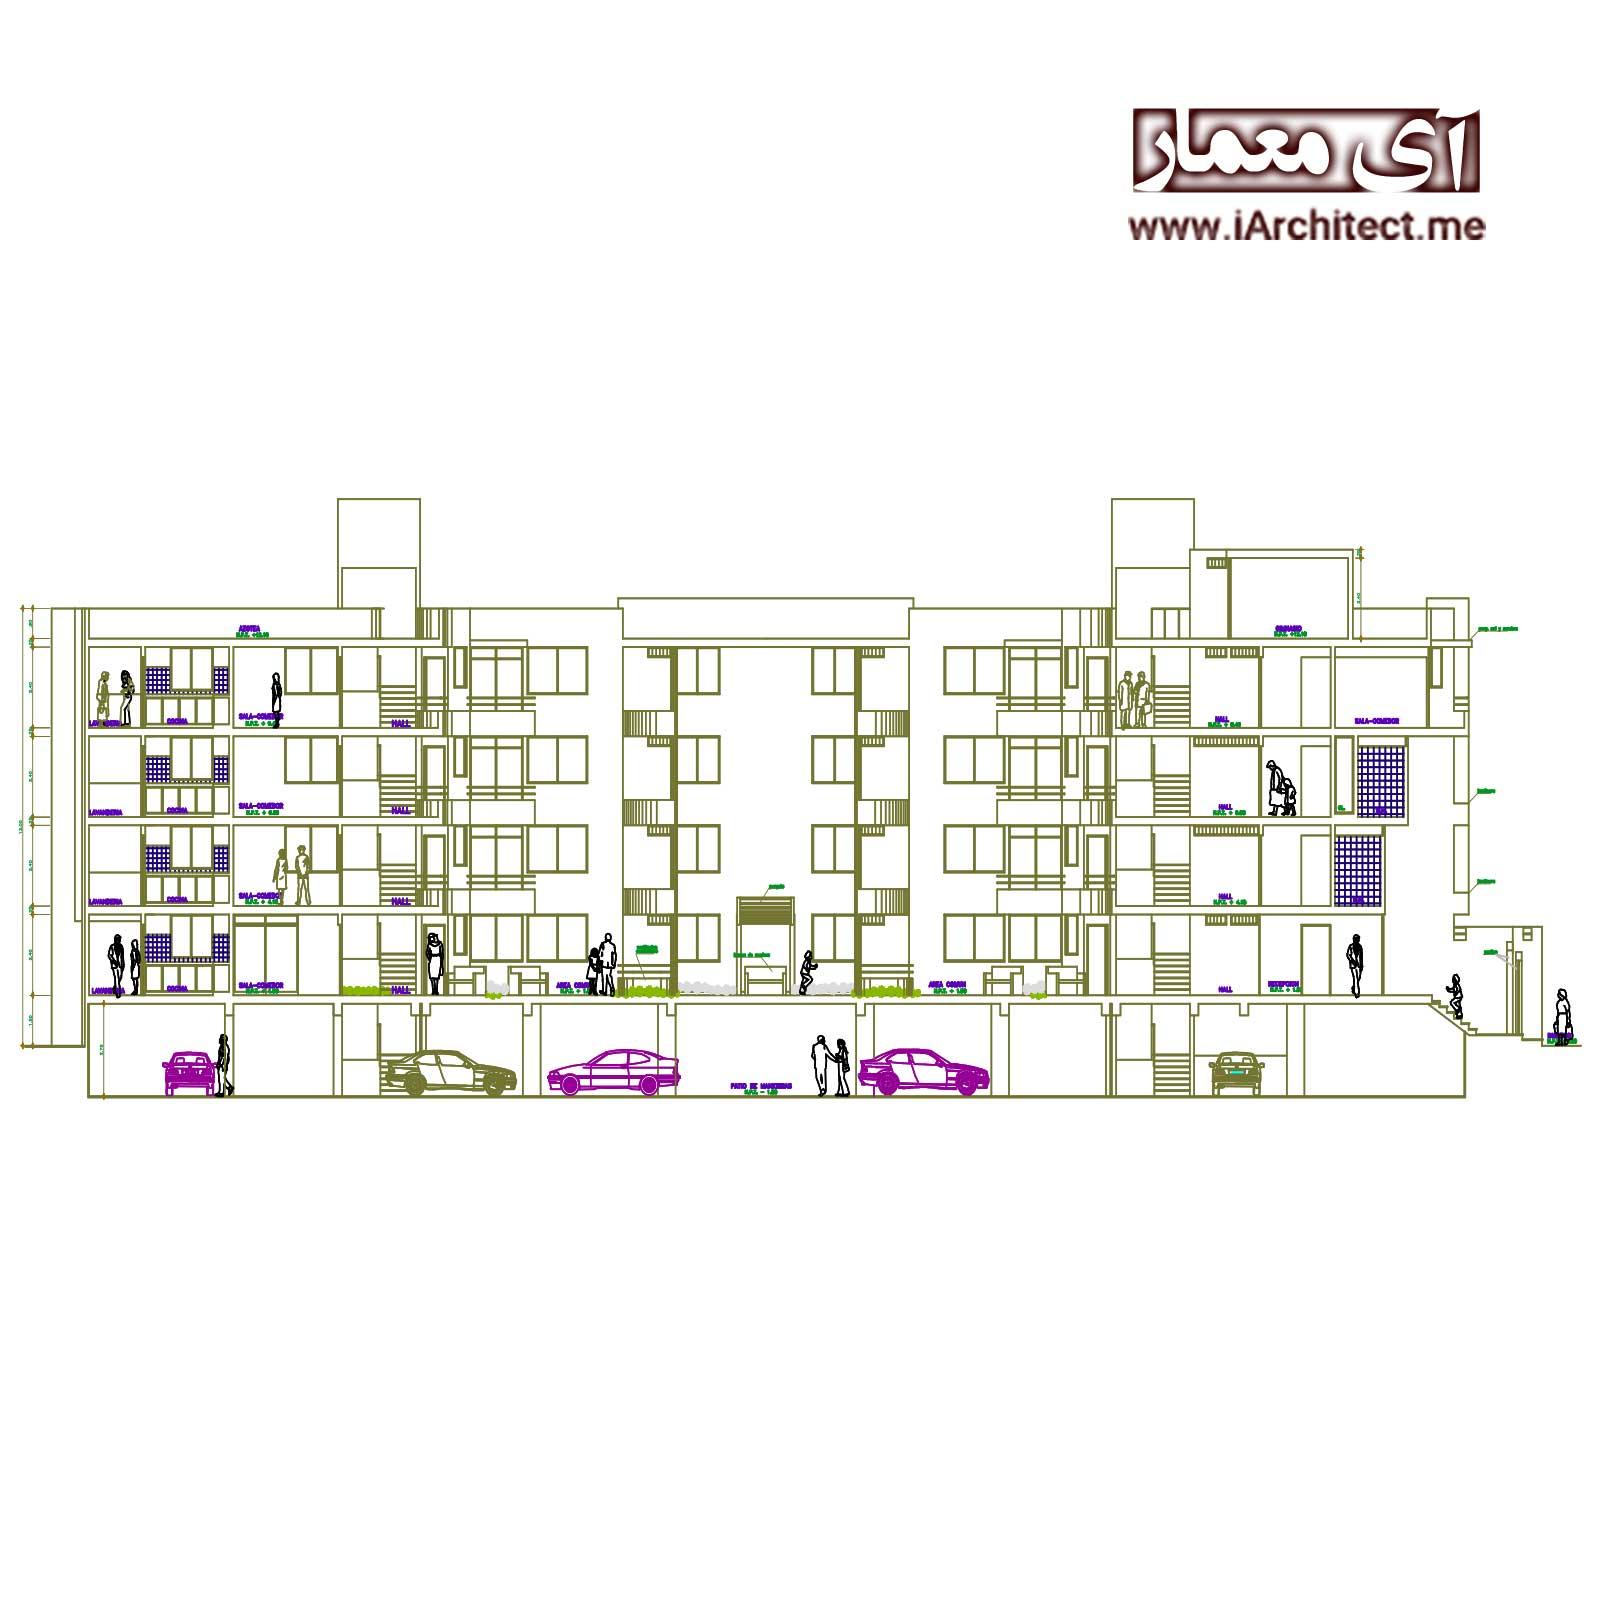 نقشه آپارتمان مسکونی 5 طبقه لوکس